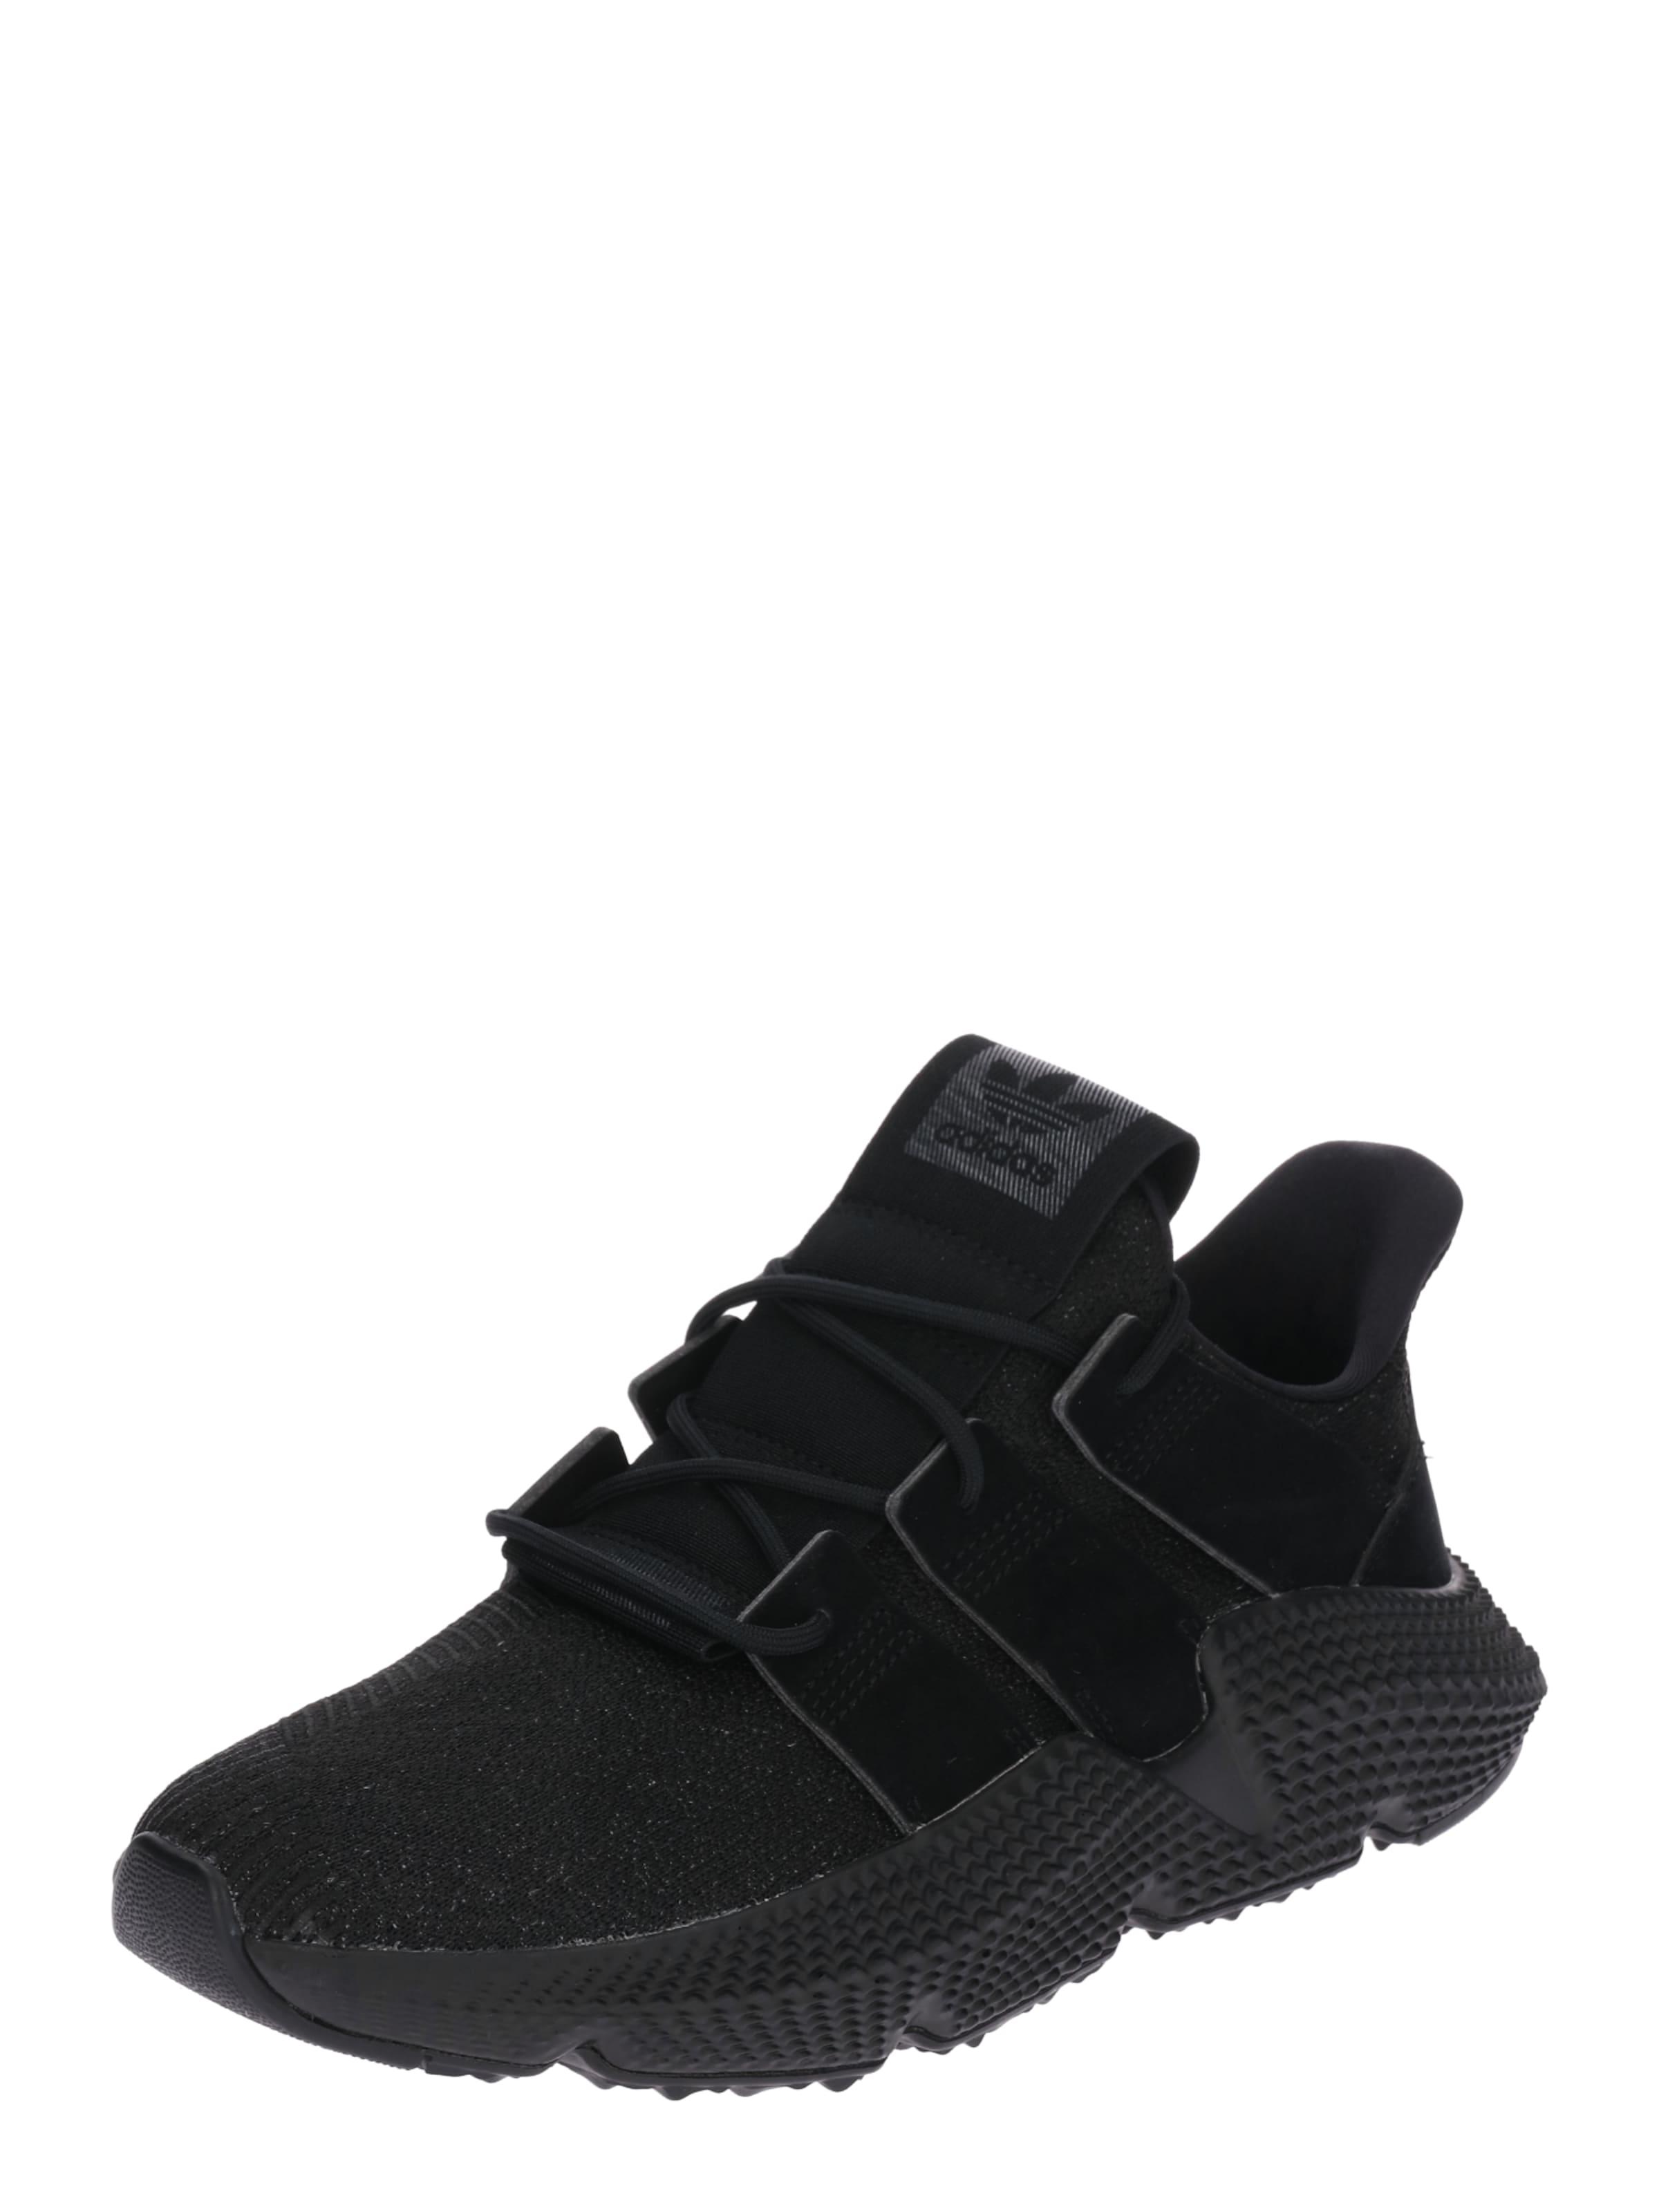 In Sneaker 'prophere' Schwarz Originals Adidas PkZiwlOXuT